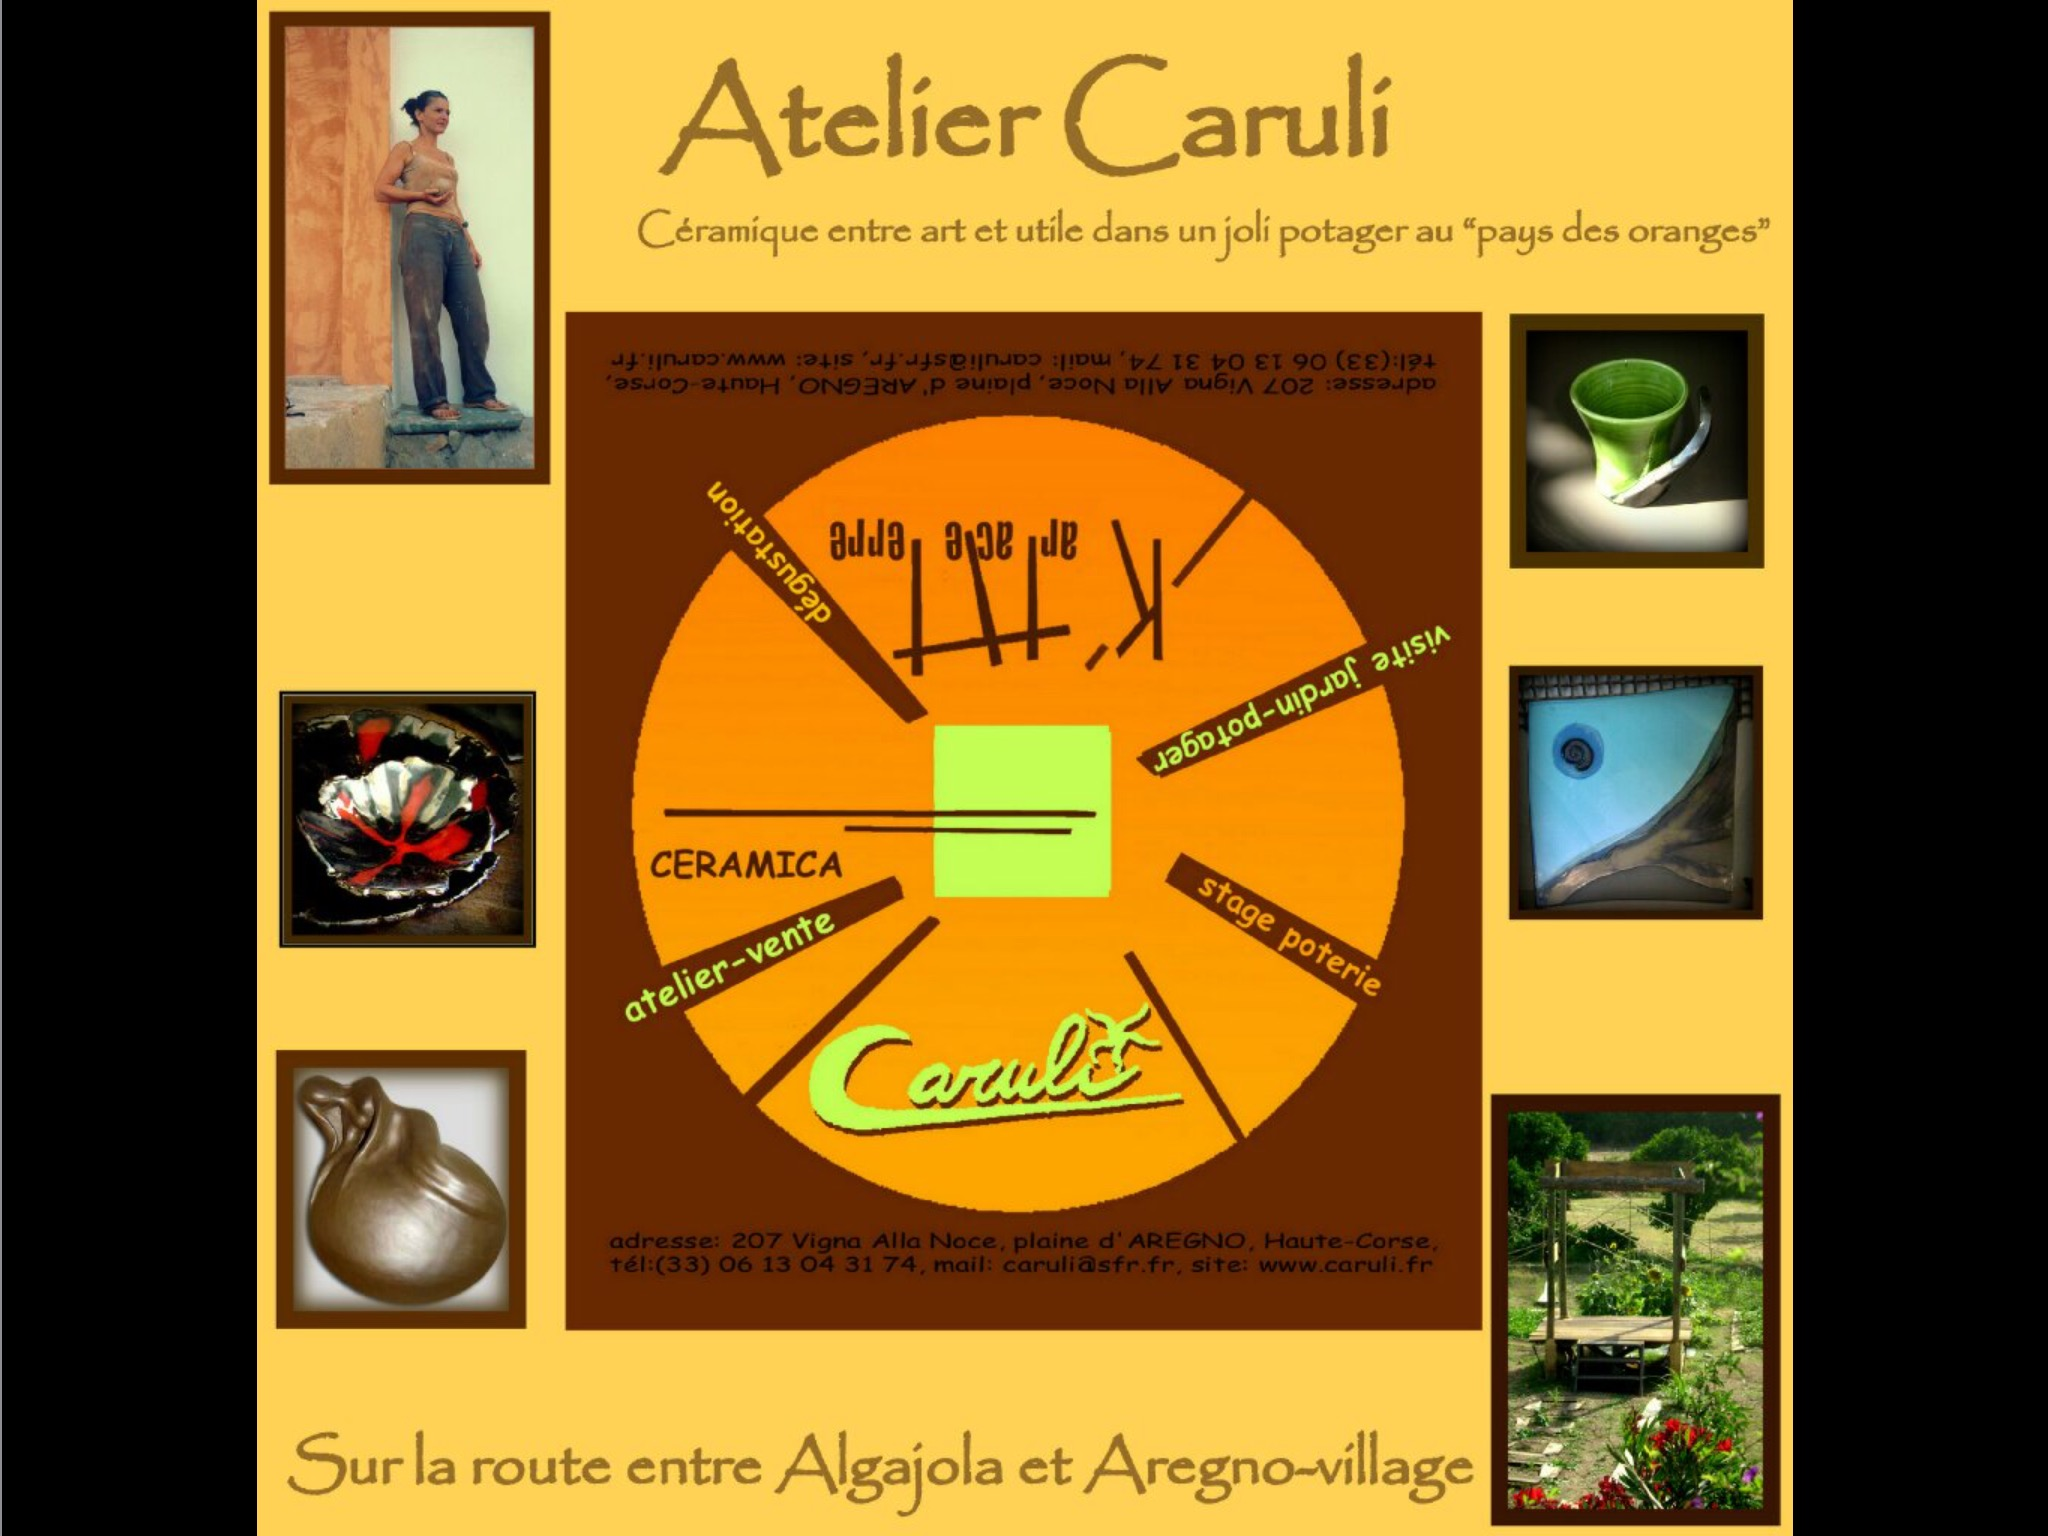 Poterie ceramique ceramica caruli carole fanet Aregno